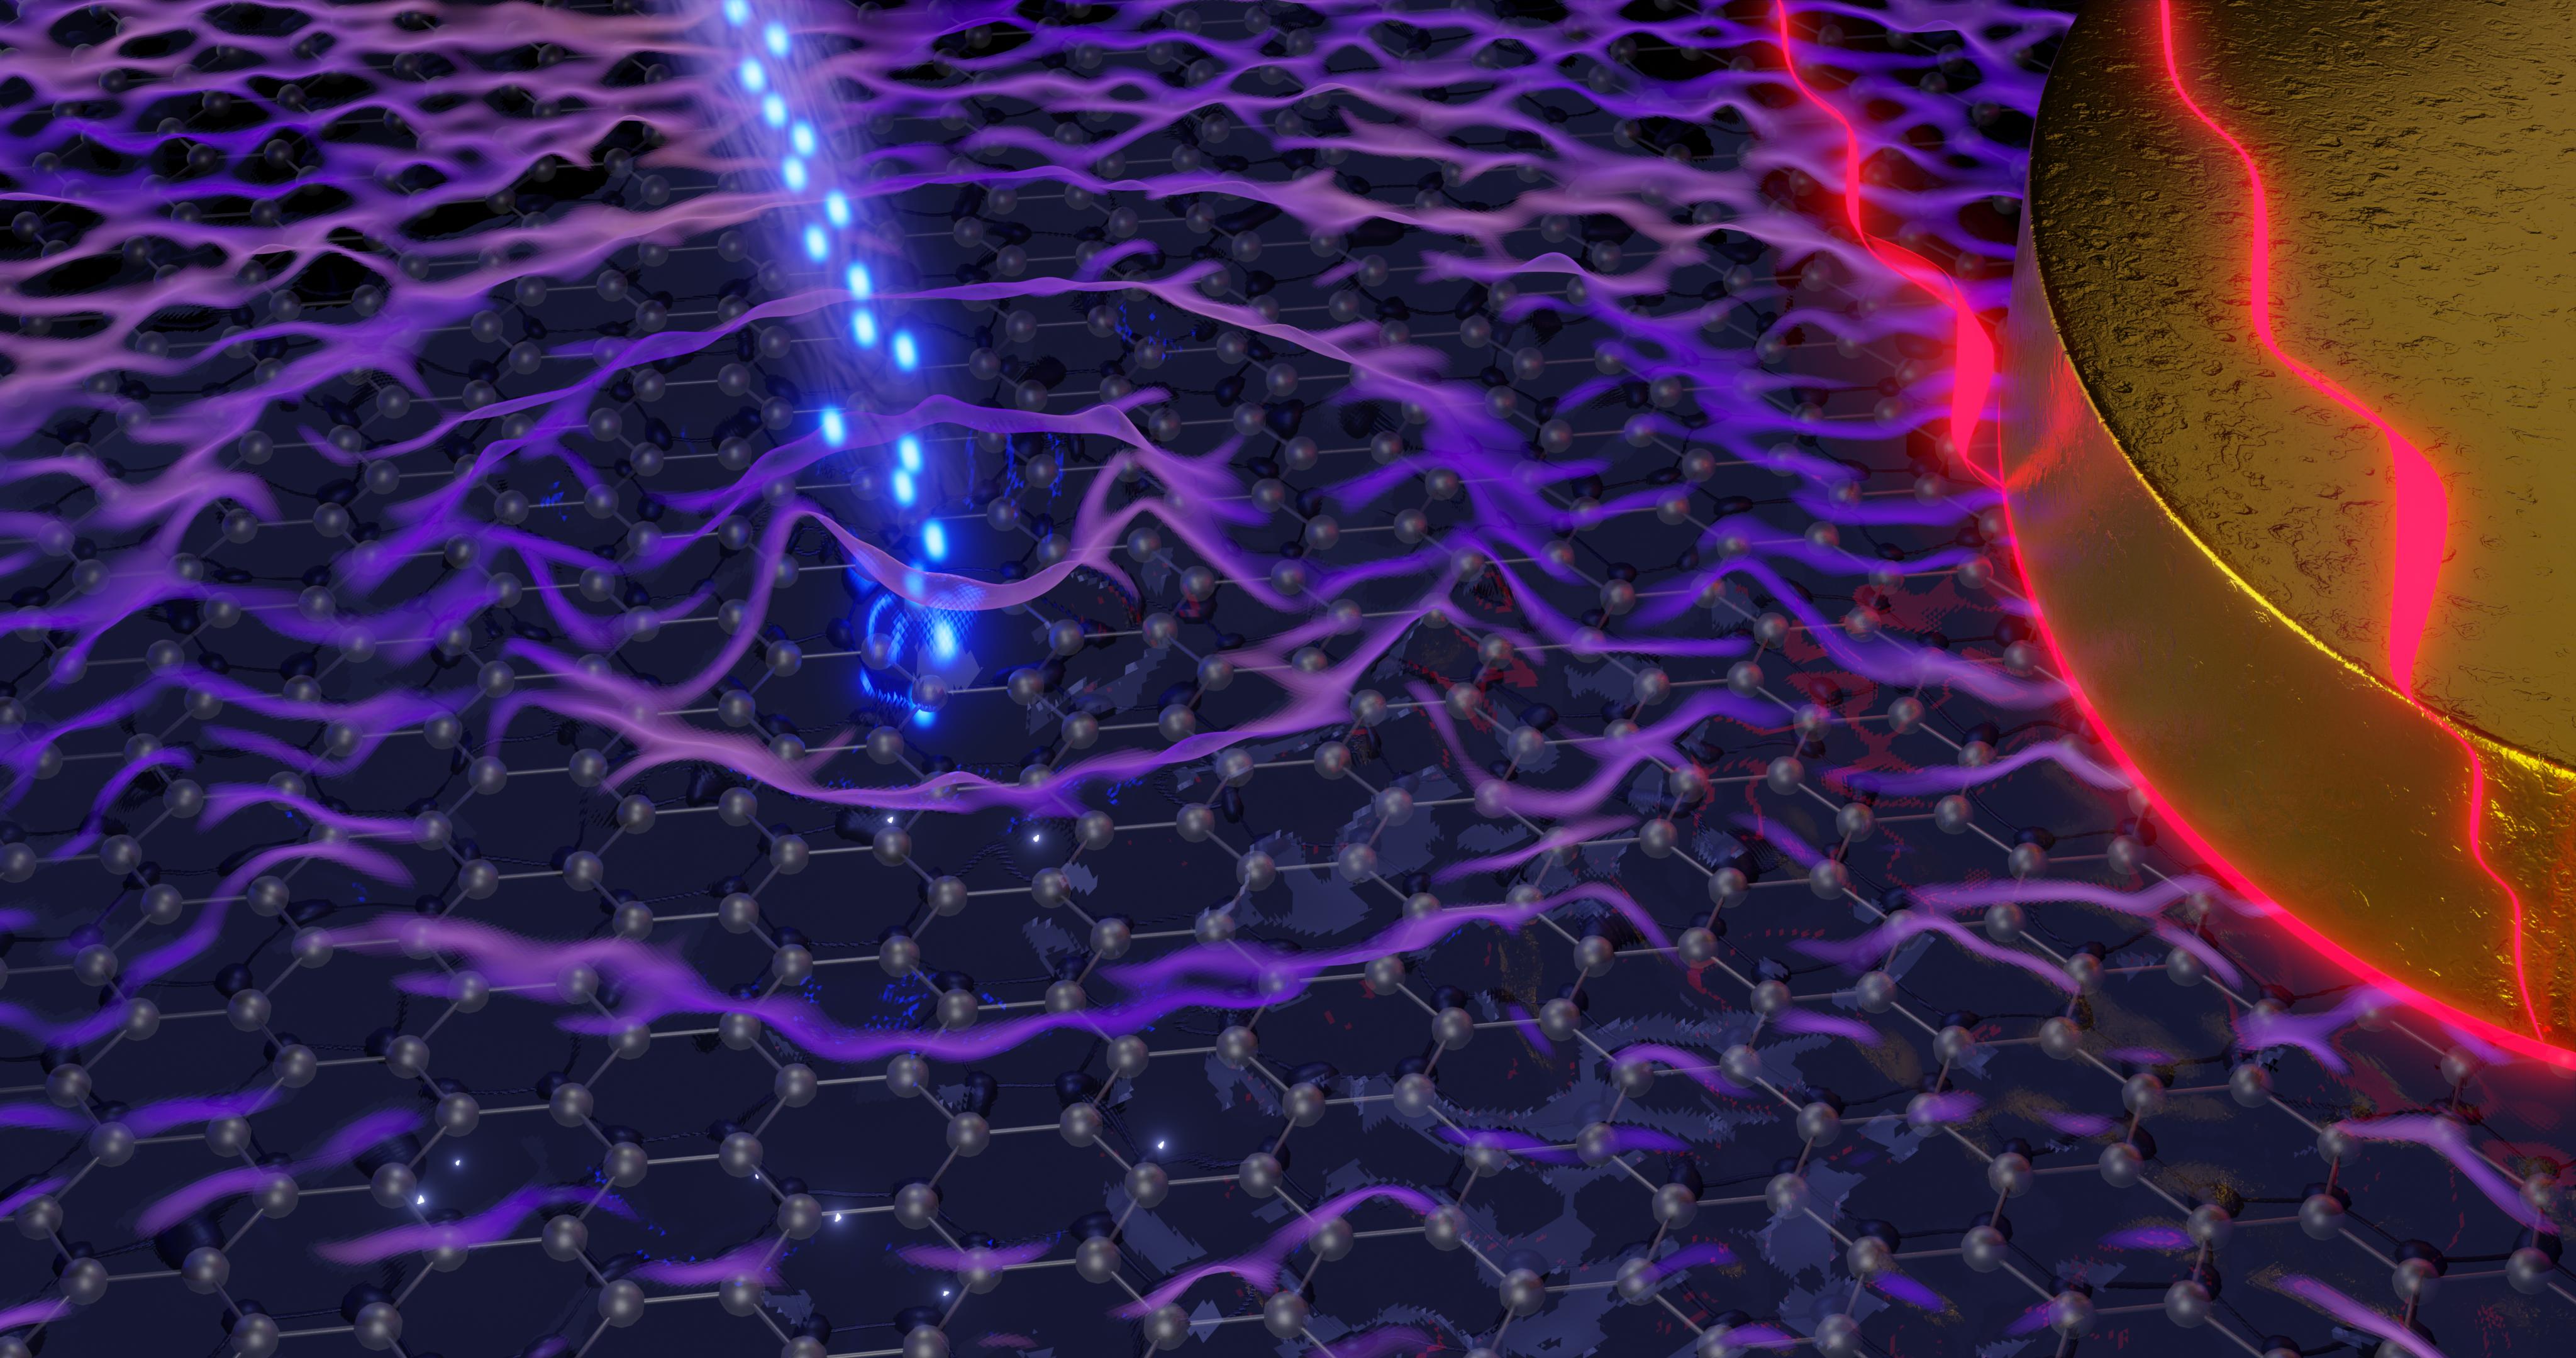 News & Views: Hot plasmons make graphene shine